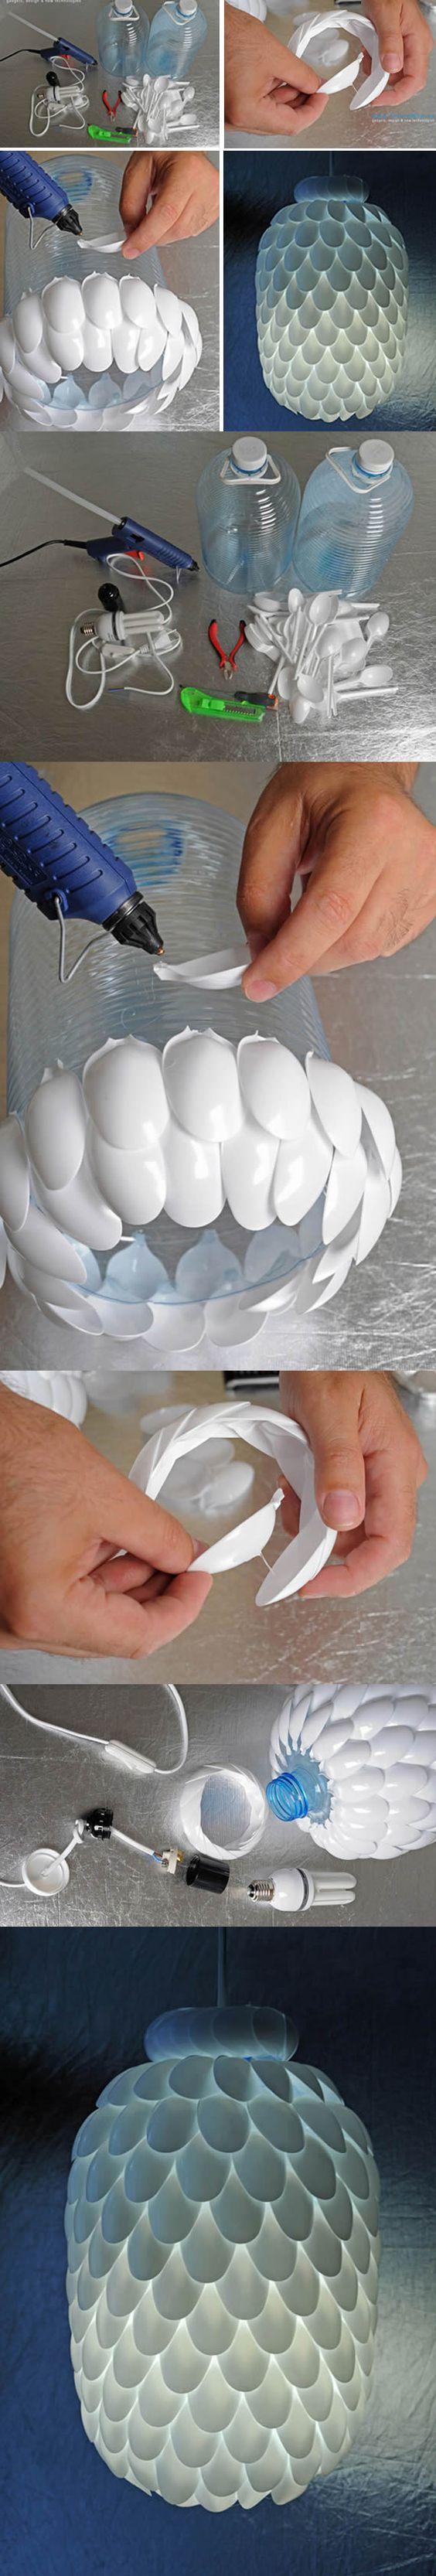 Cuchara-Plástico-6